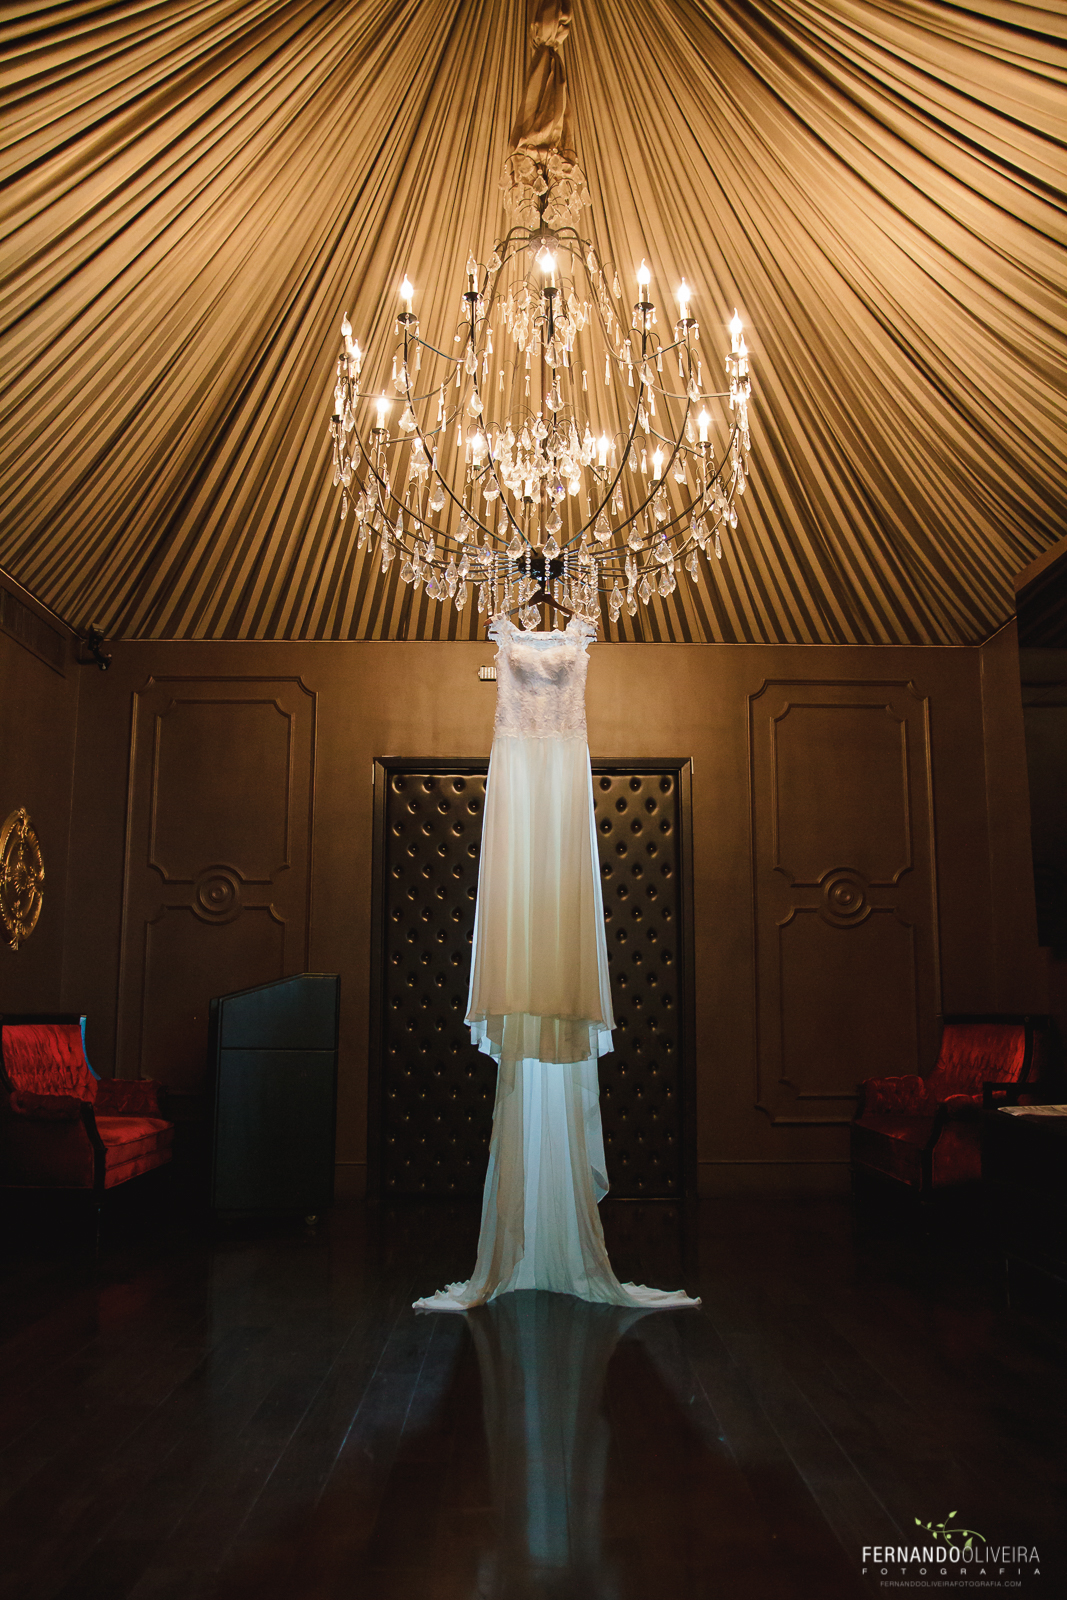 casamento-fotografia-fotografo-casamento-sao-paulo-sp-fernando-oliveira-inspiração-moderno-luxo-rustico